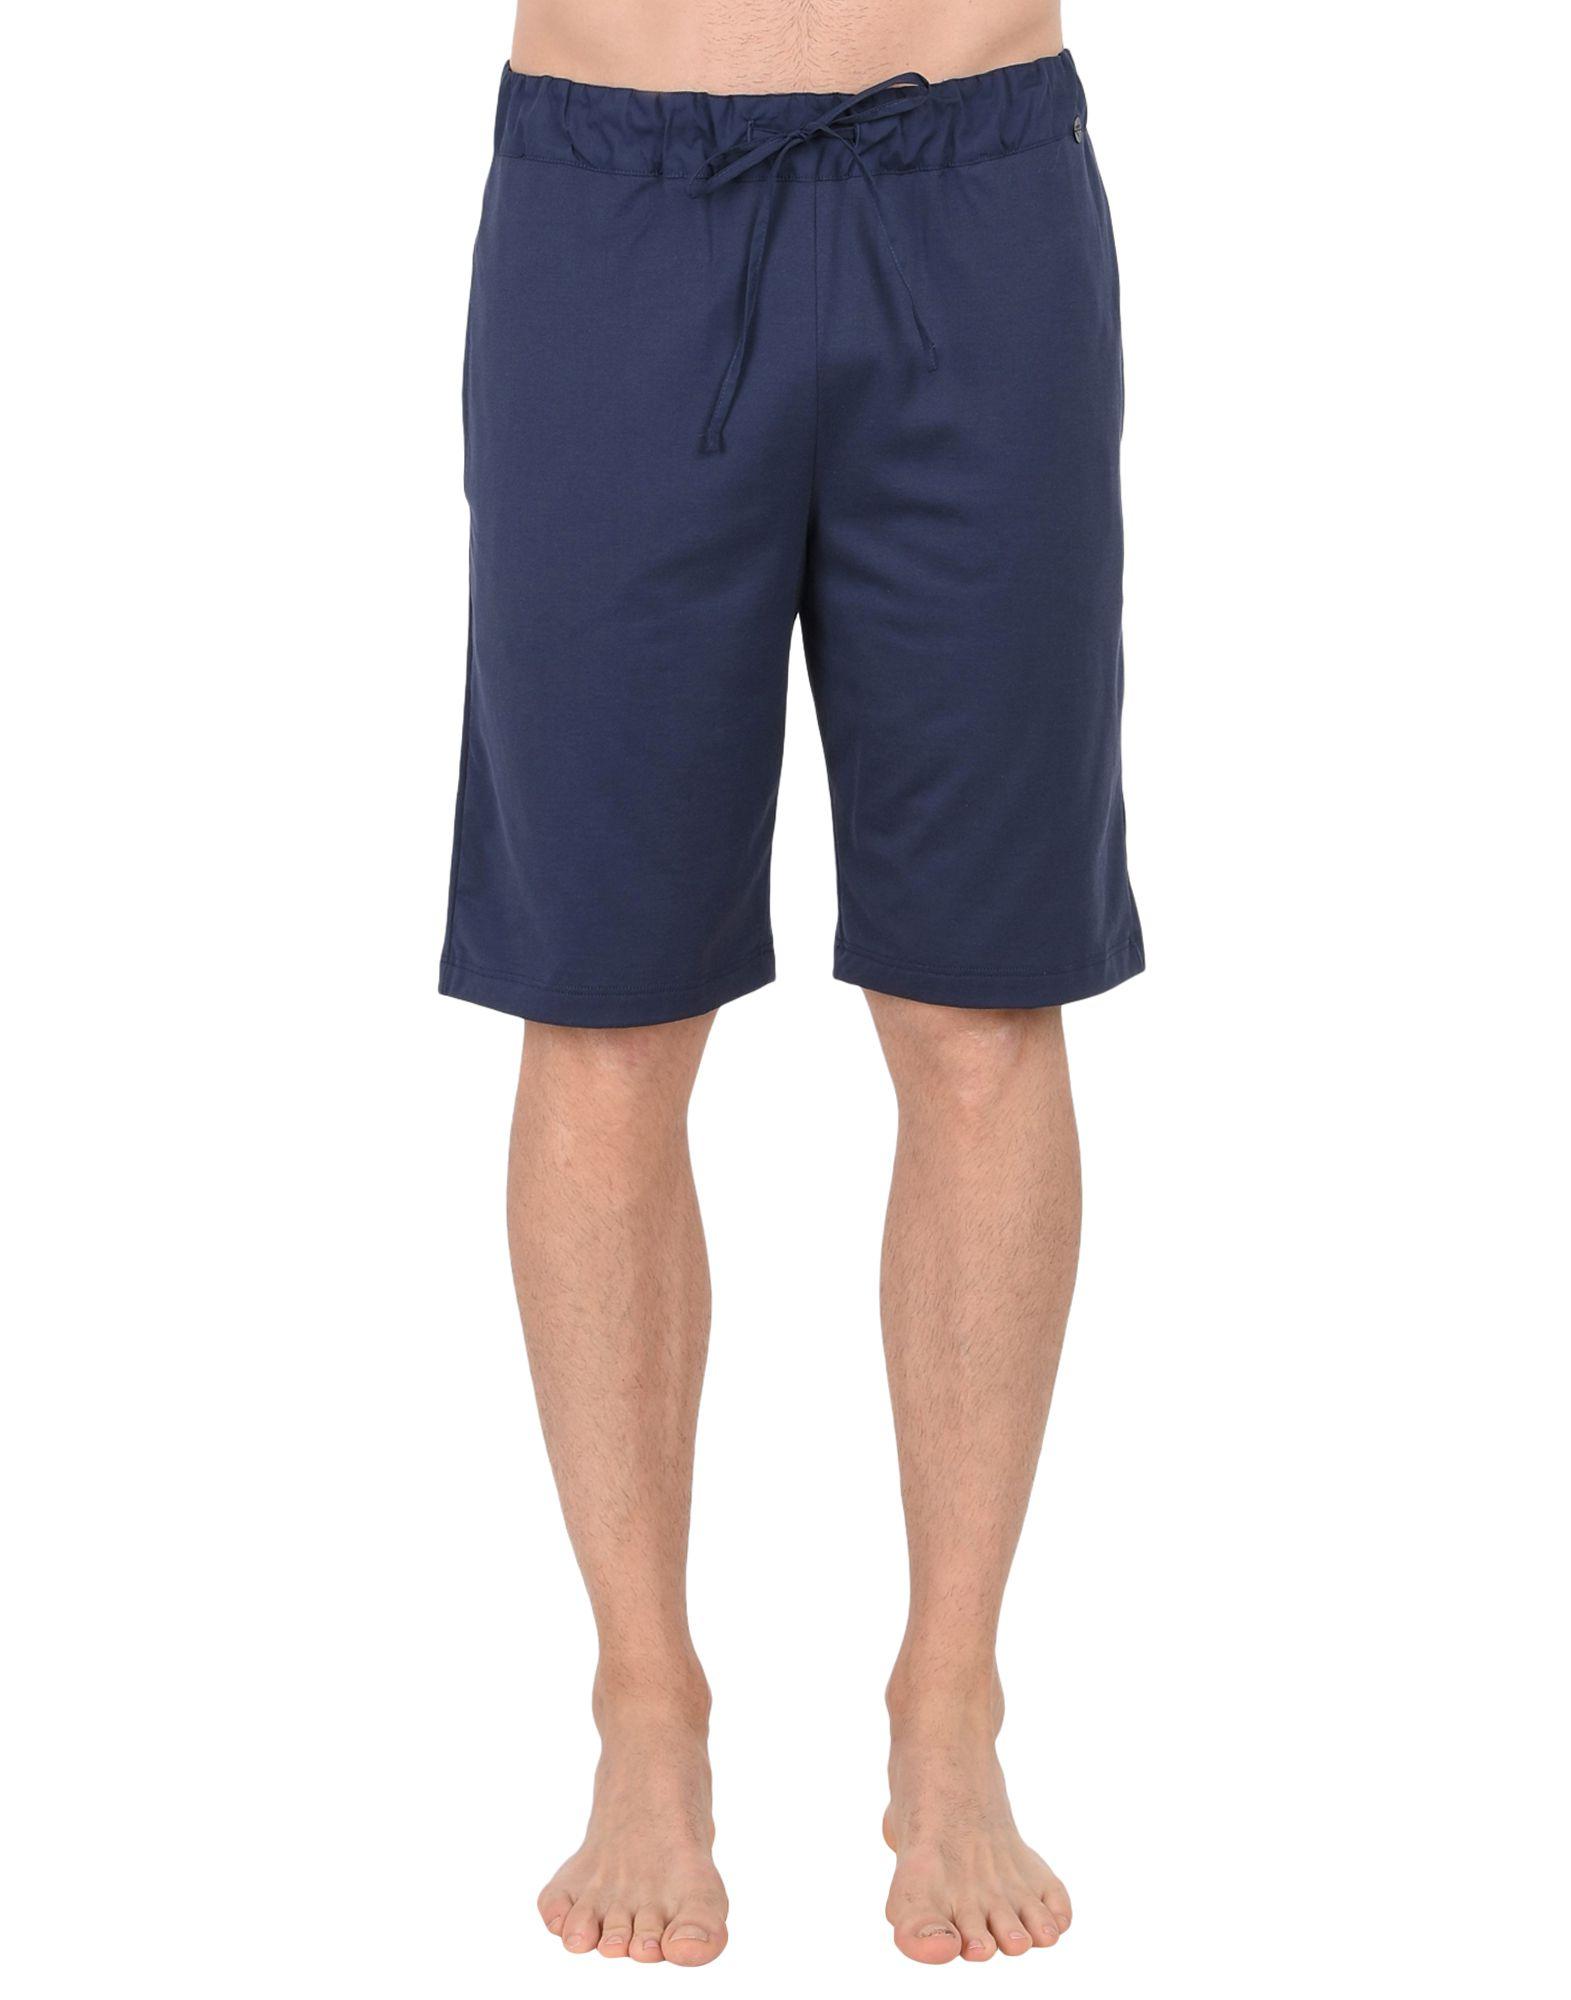 《送料無料》HANRO メンズ パジャマ ダークブルー S コットン 100% Night & Day